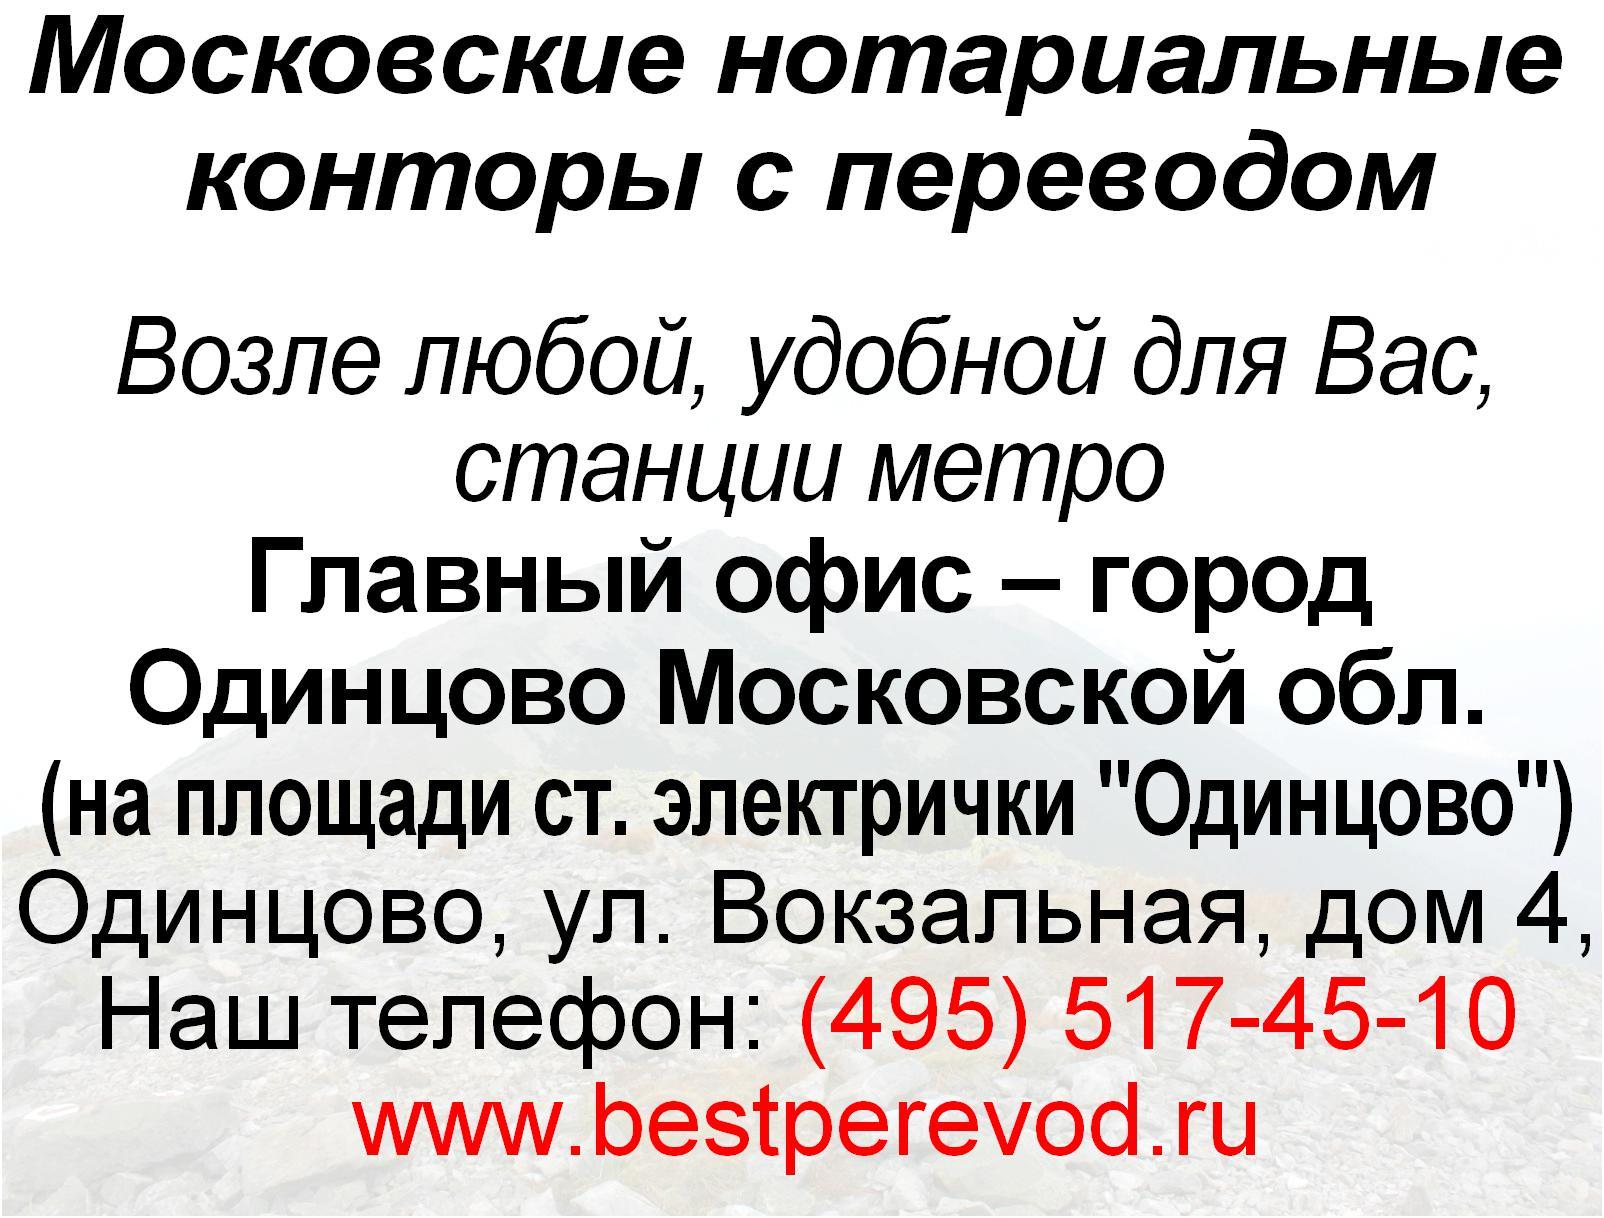 Спермоглоталки с переводом 17 фотография